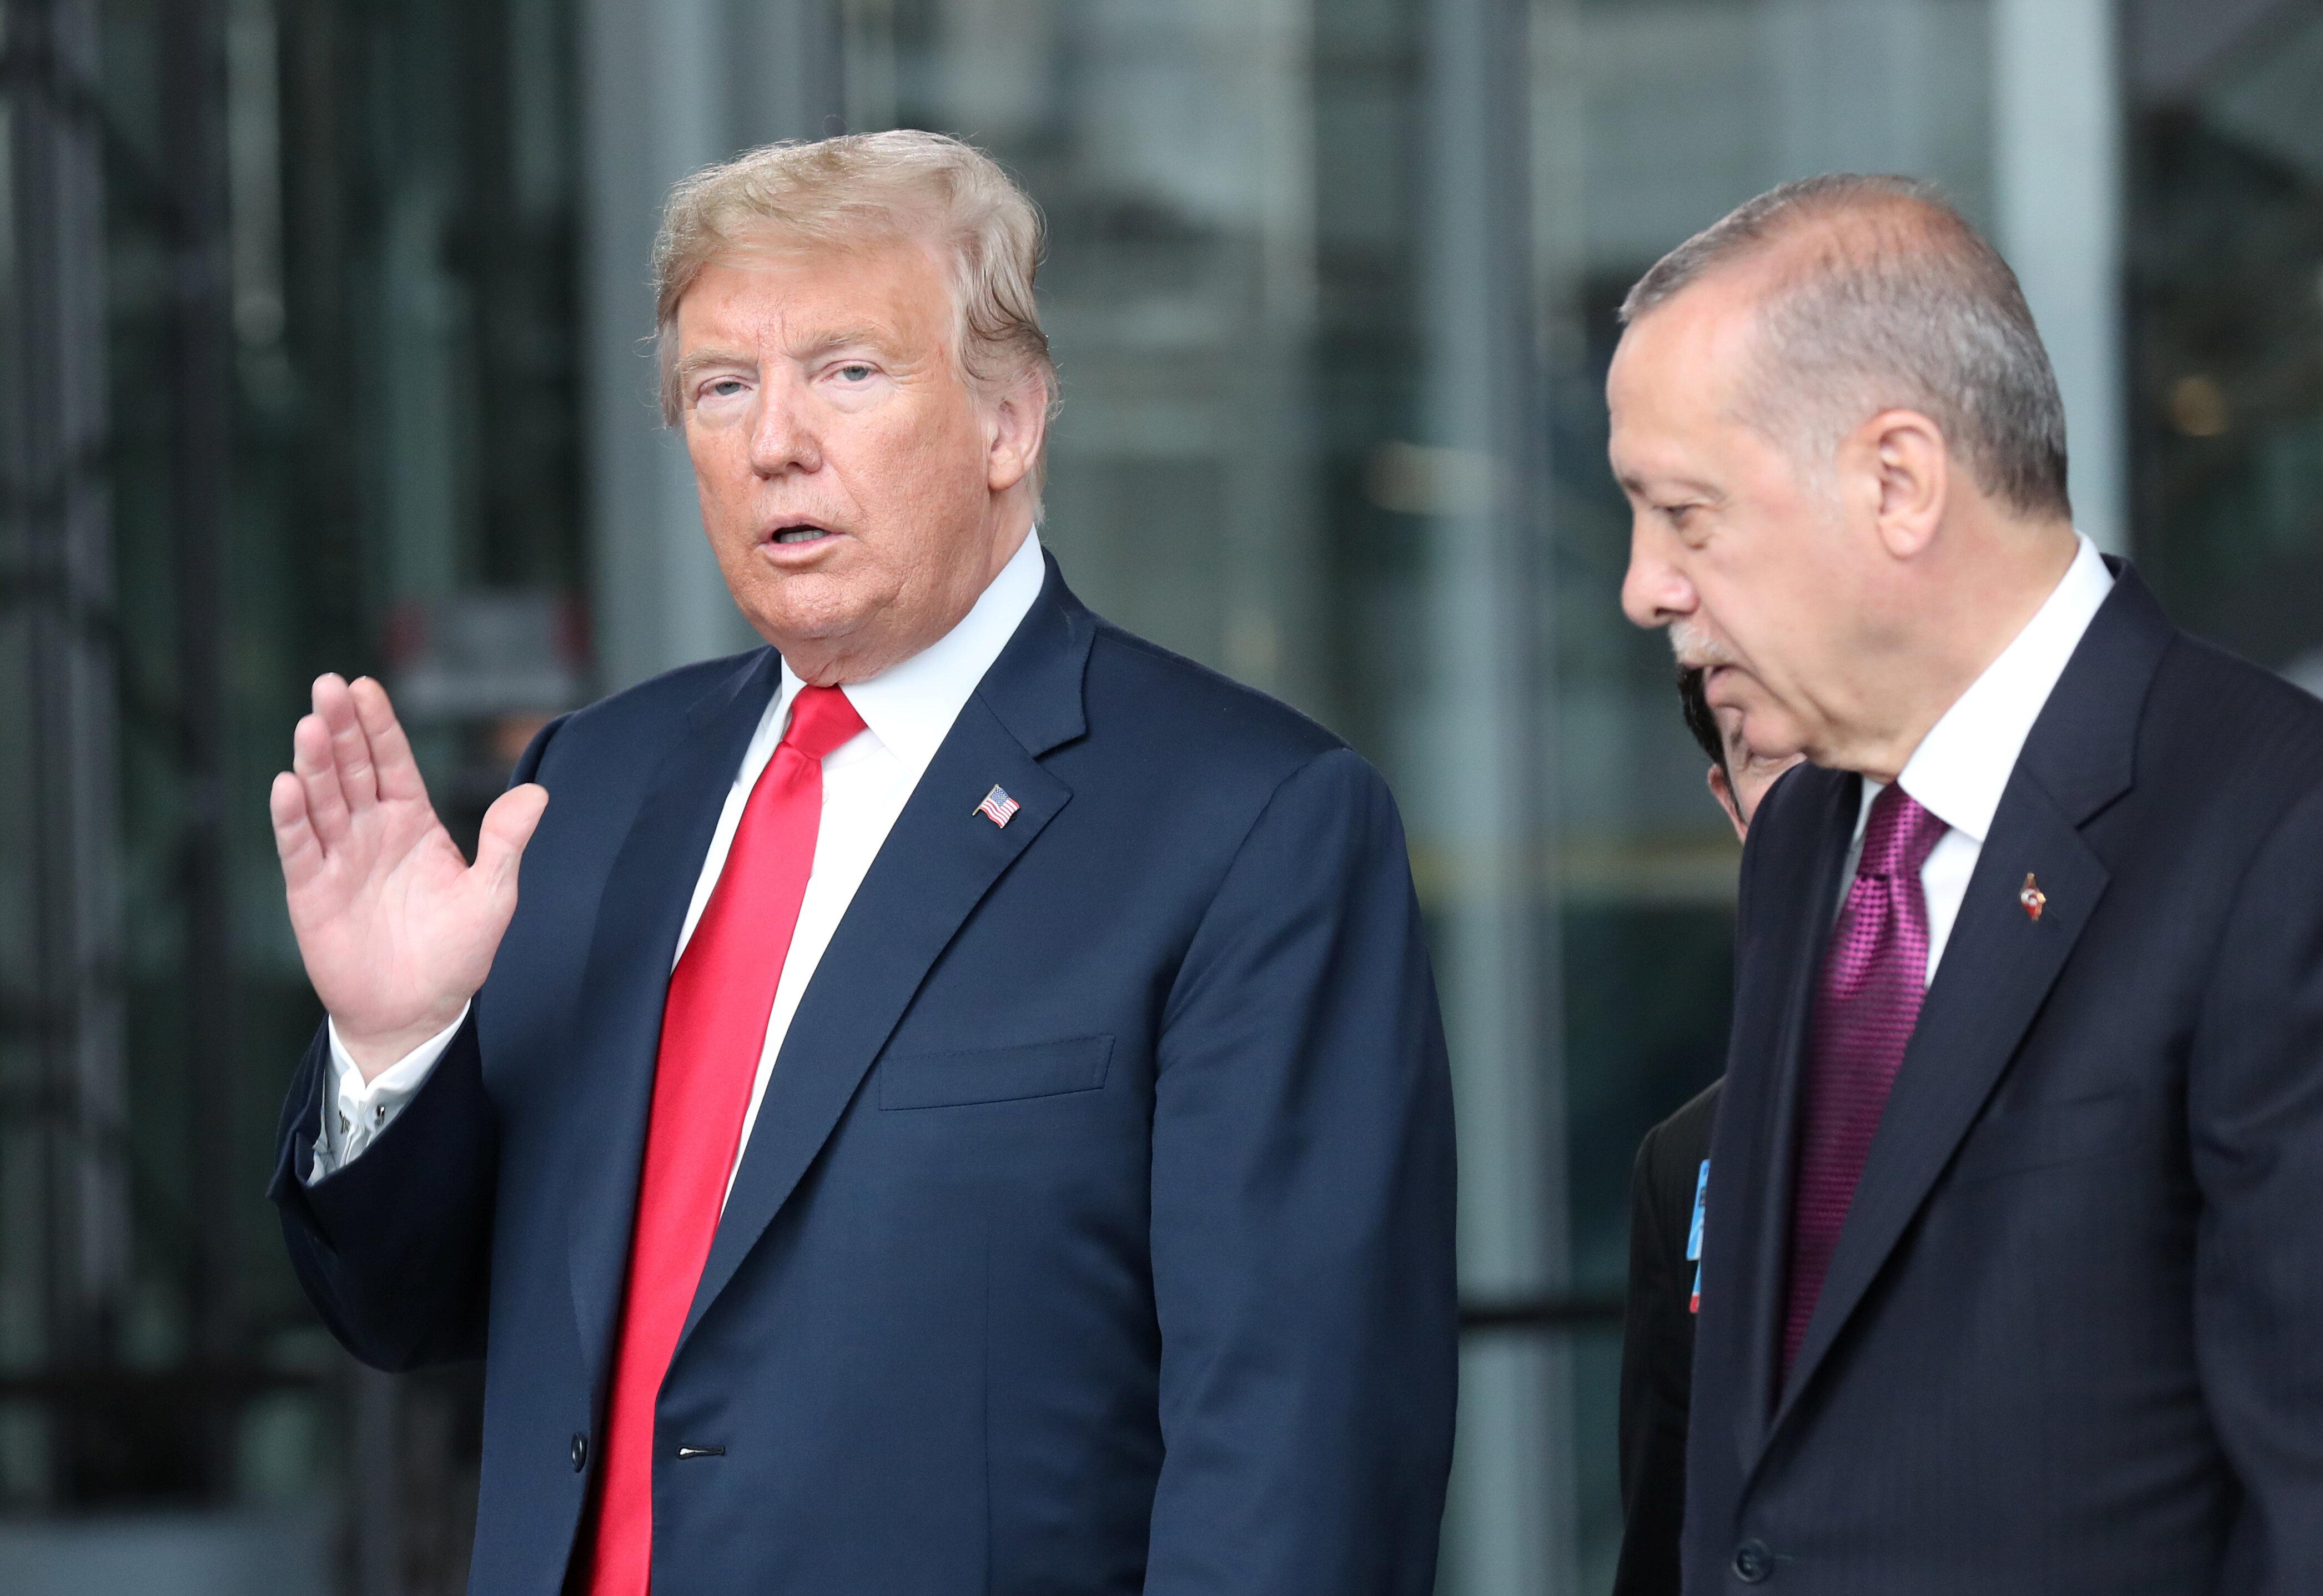 Οι ΗΠΑ βάζουν τέλος στην προνομιακή εμπορική σχέση με την